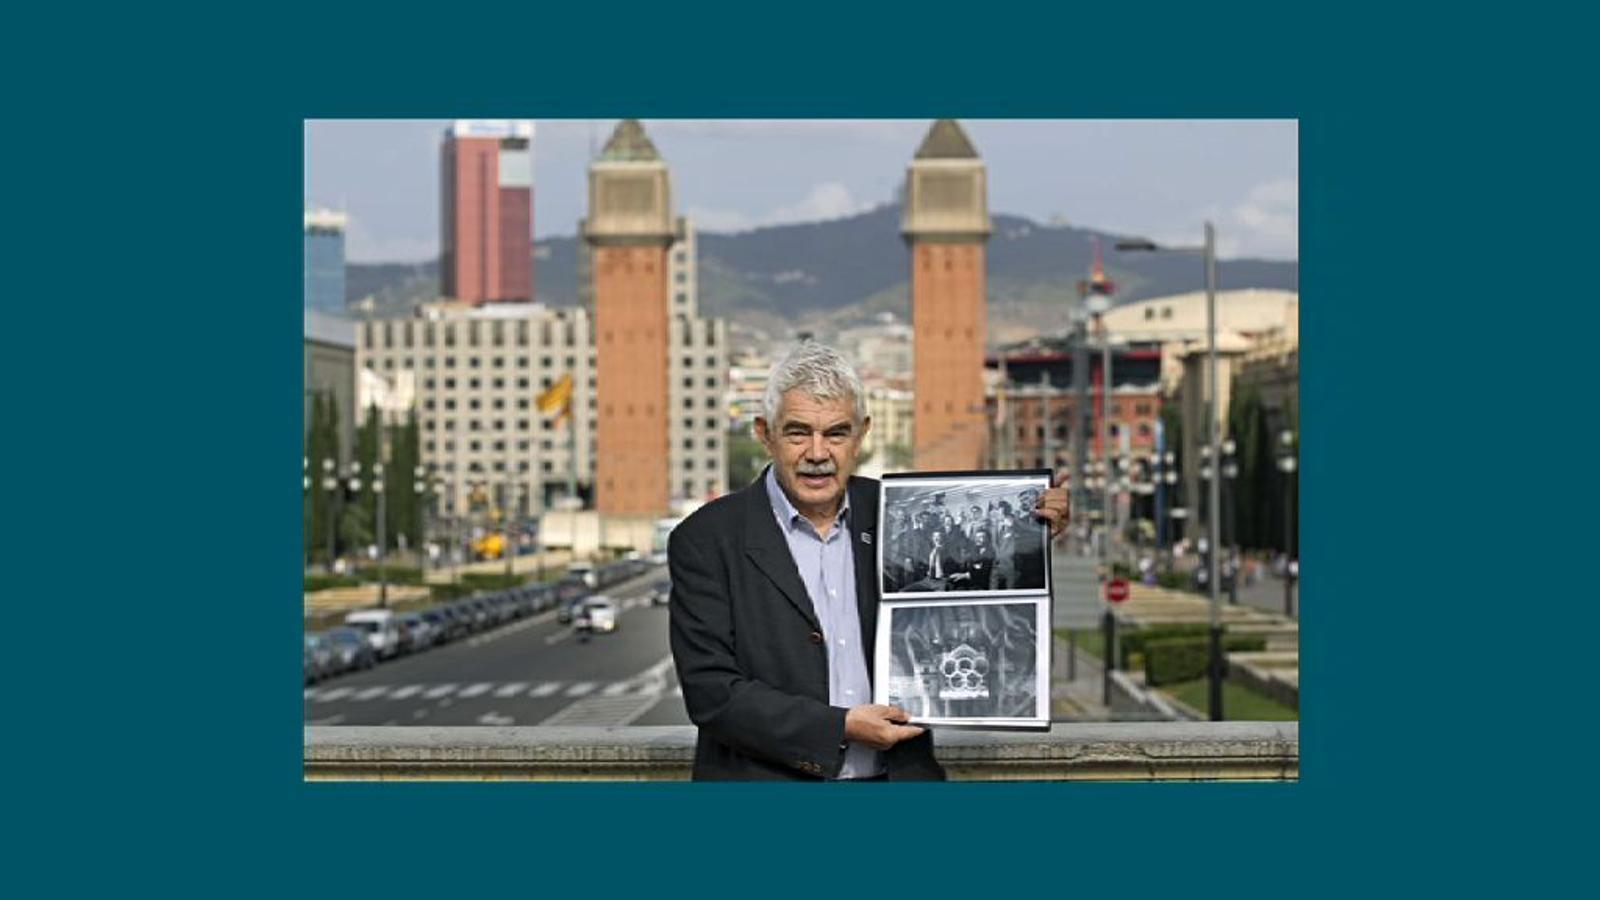 Pasqual Maragall a la portada de l'ARA